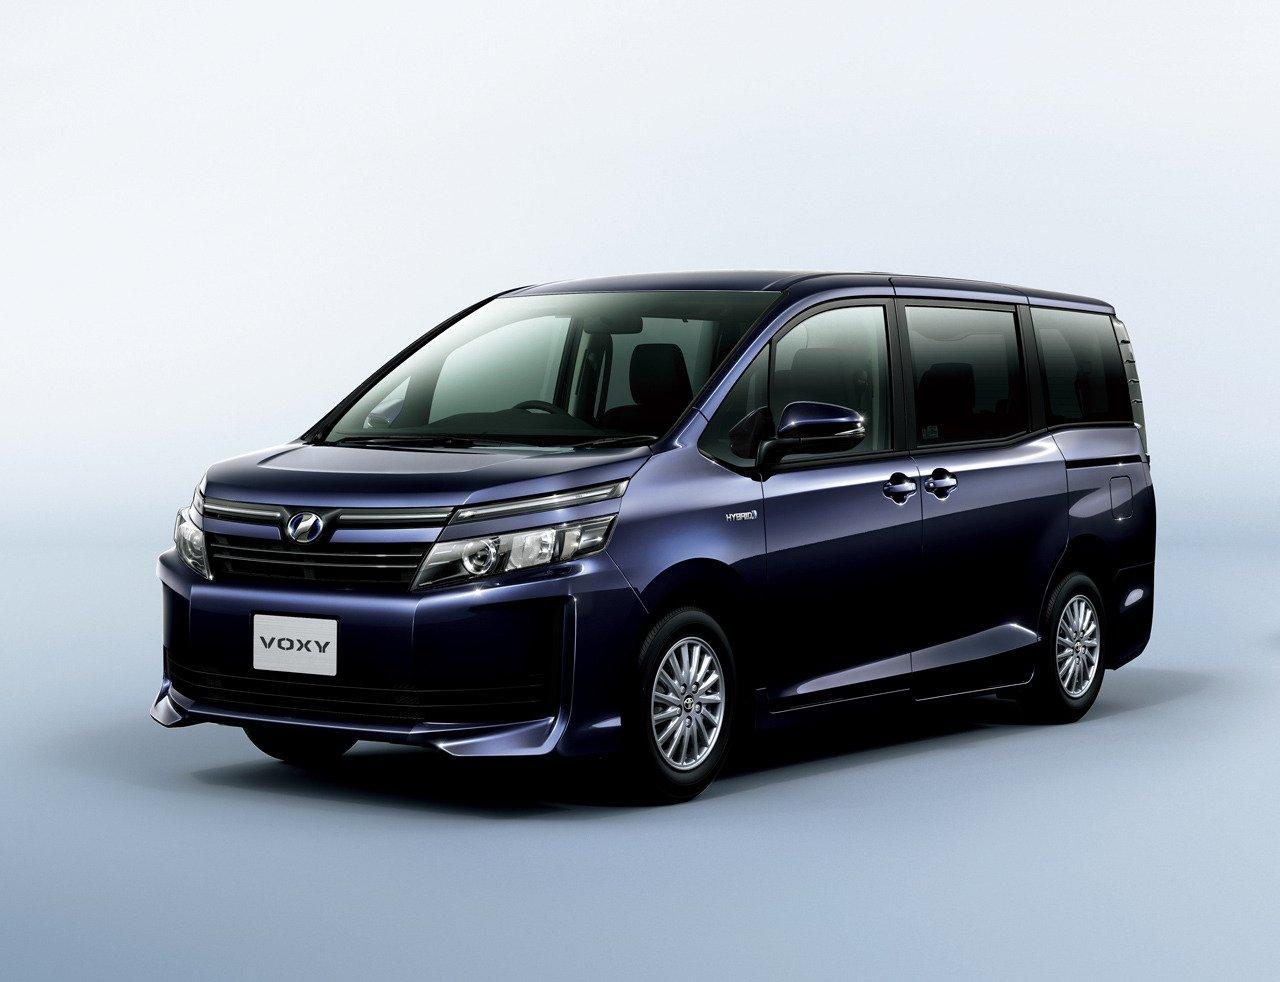 2014 Toyota Noah and Voxy – 1.8L hybrid, 23.8 km/l Paul ...